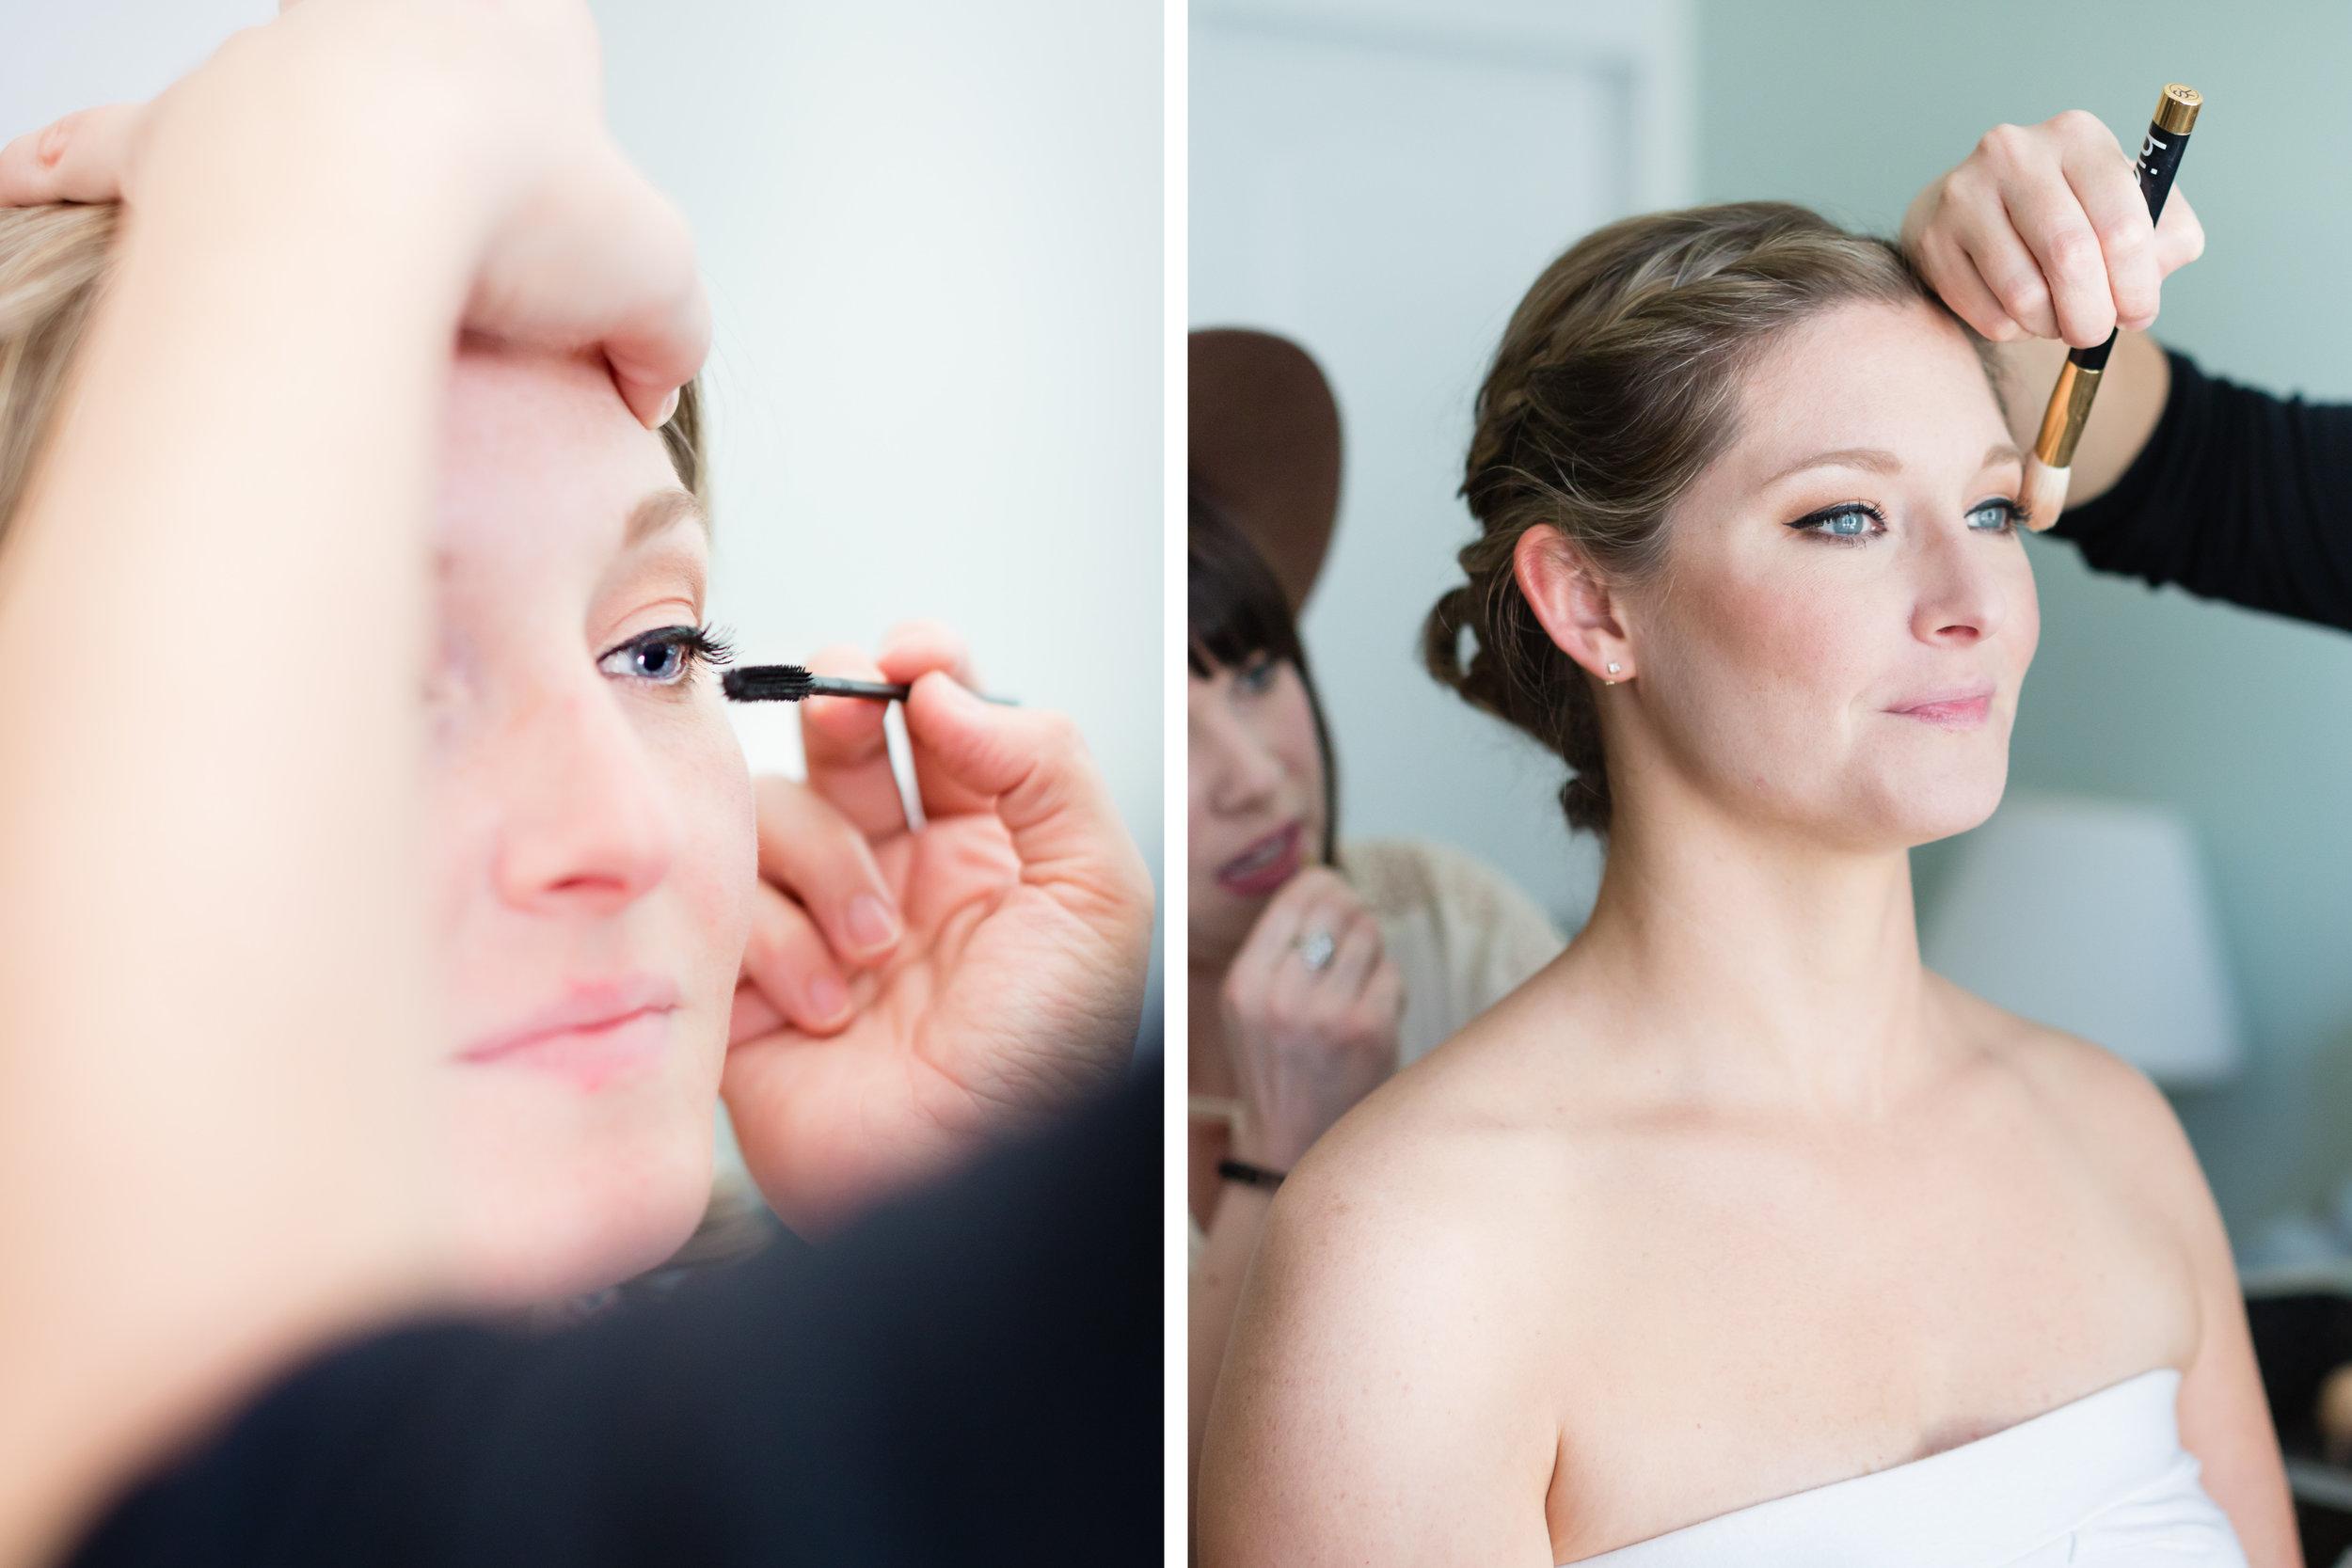 austin-beauty-makeup-artist.jpg